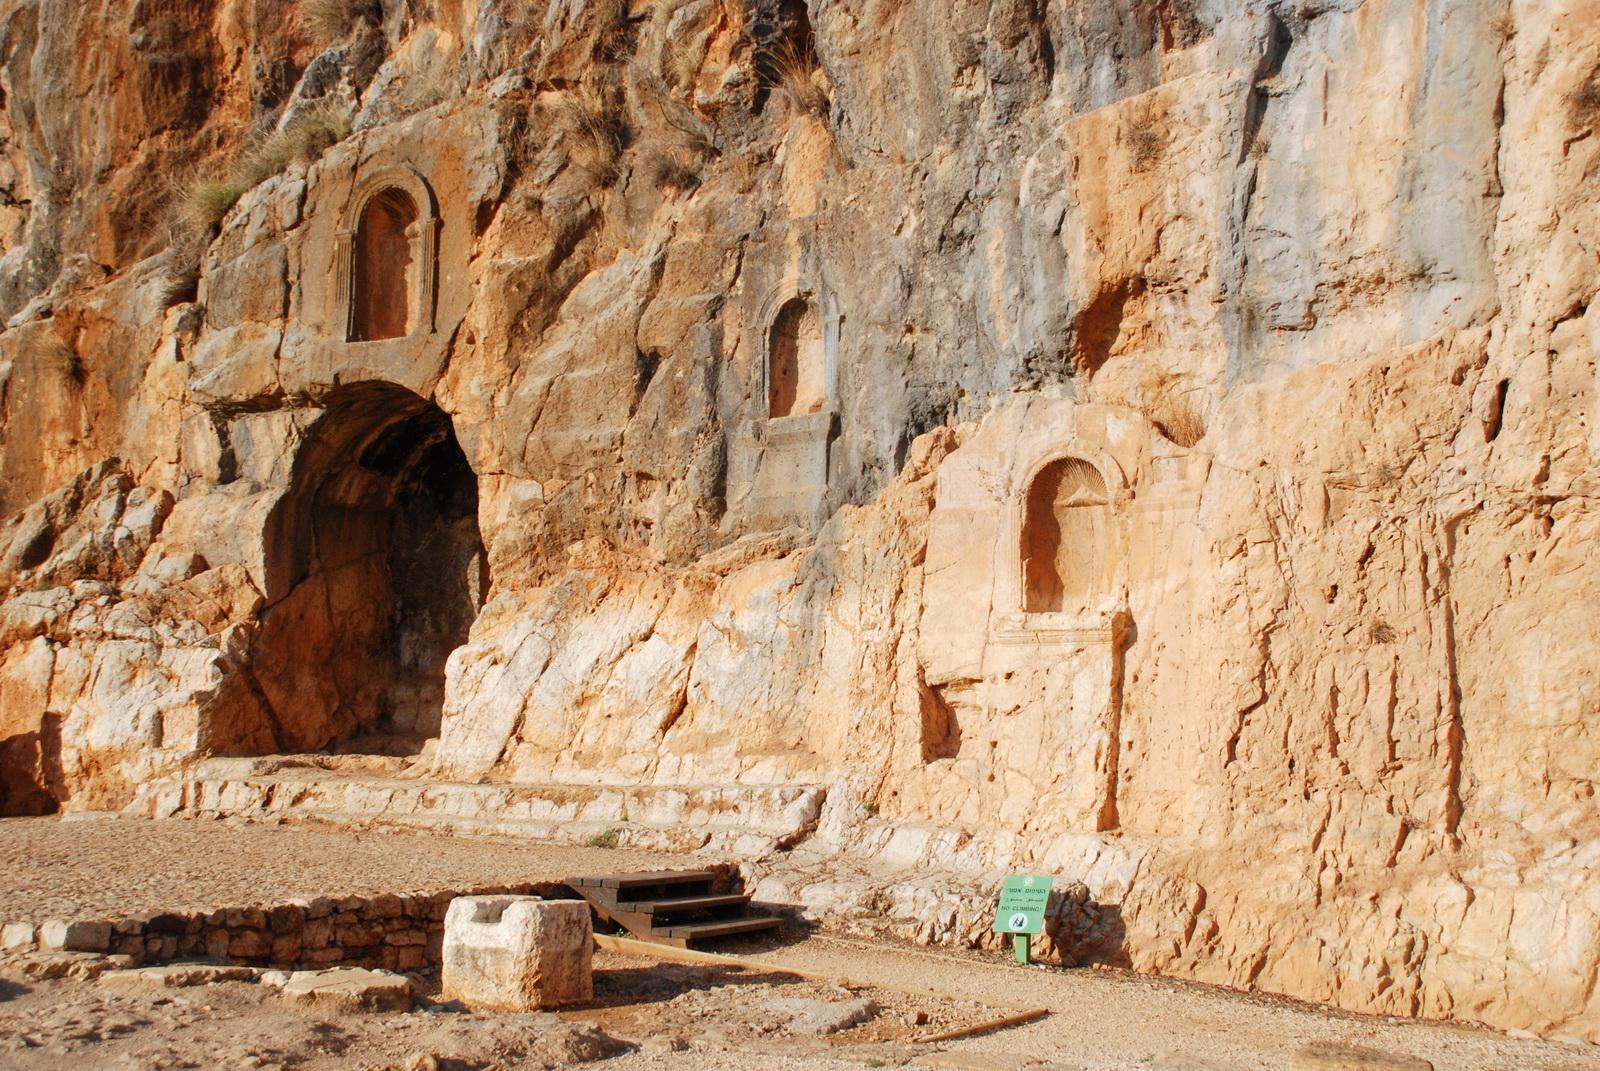 גולן - בניאס - אתר המקדשים לרגלי המצוק, מעל הנביעה